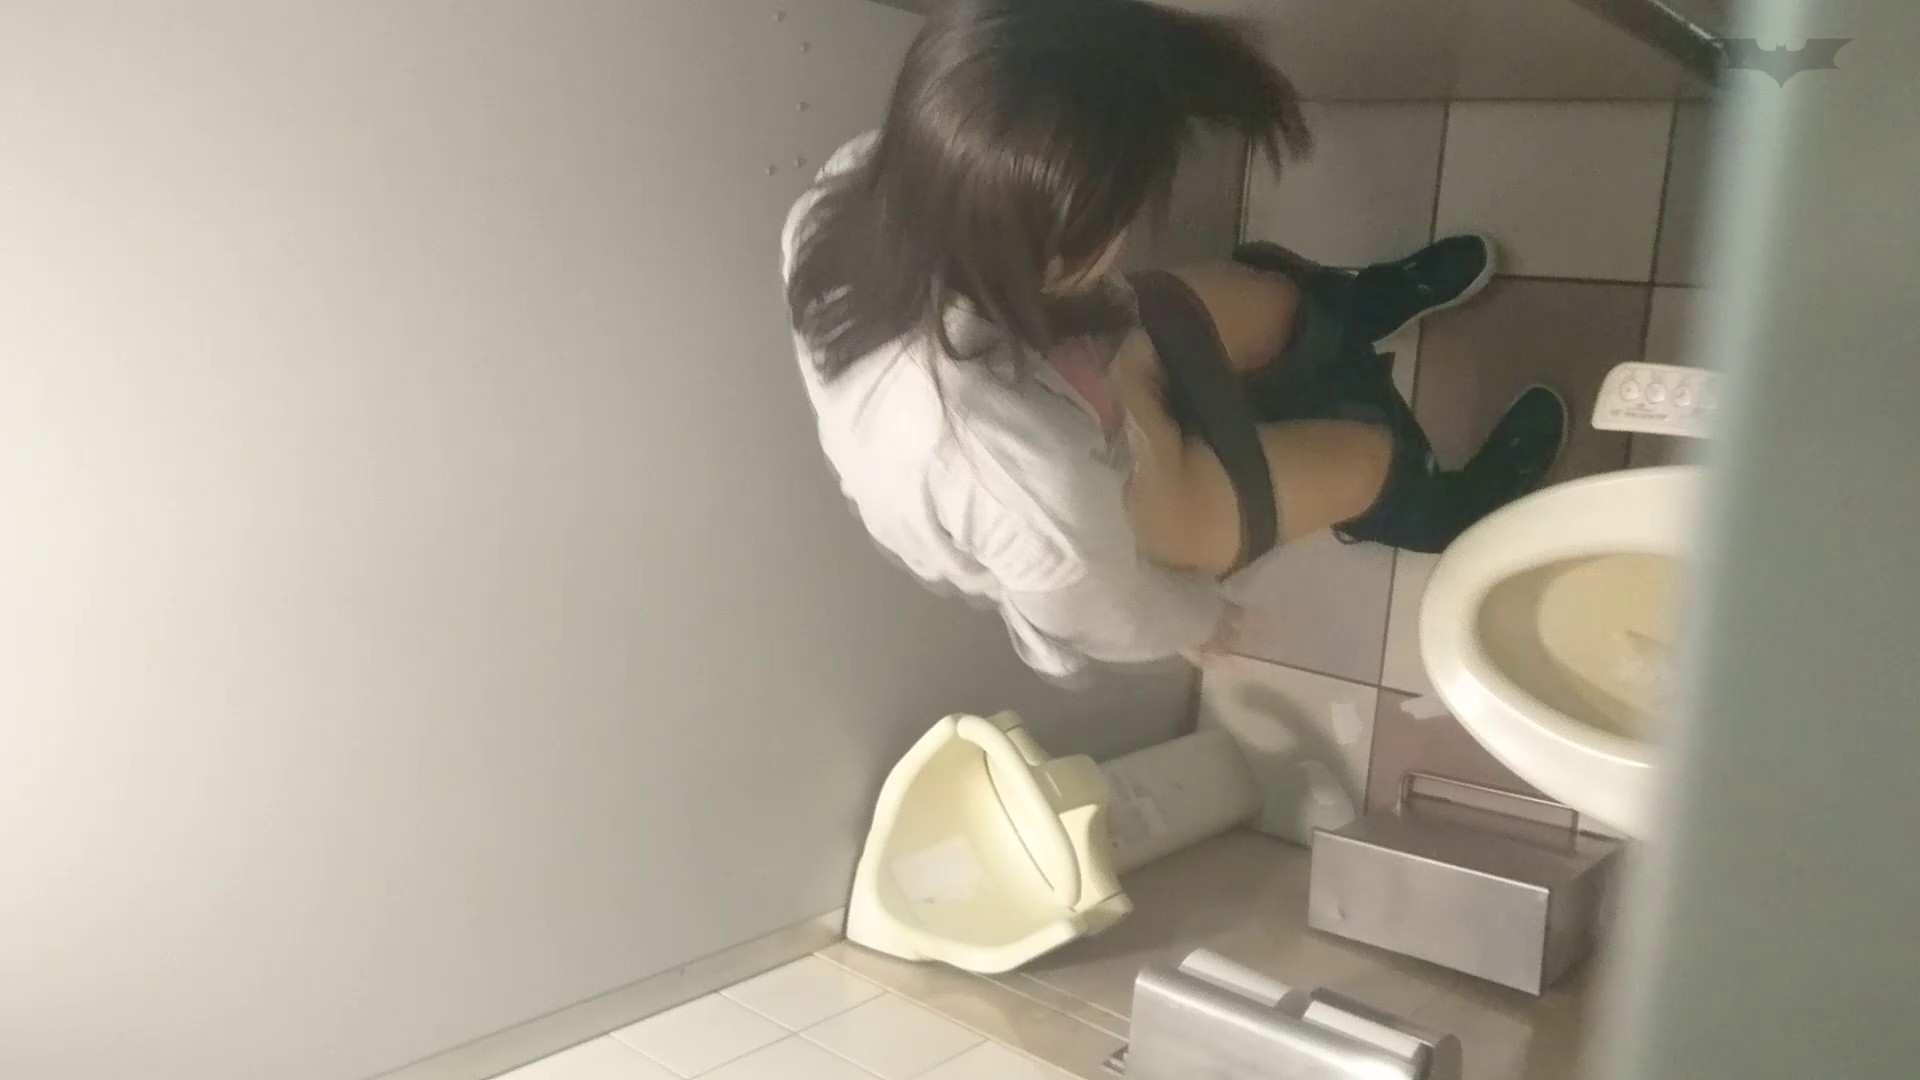 化粧室絵巻 ショッピングモール編 VOL.17 OL  71pic 56